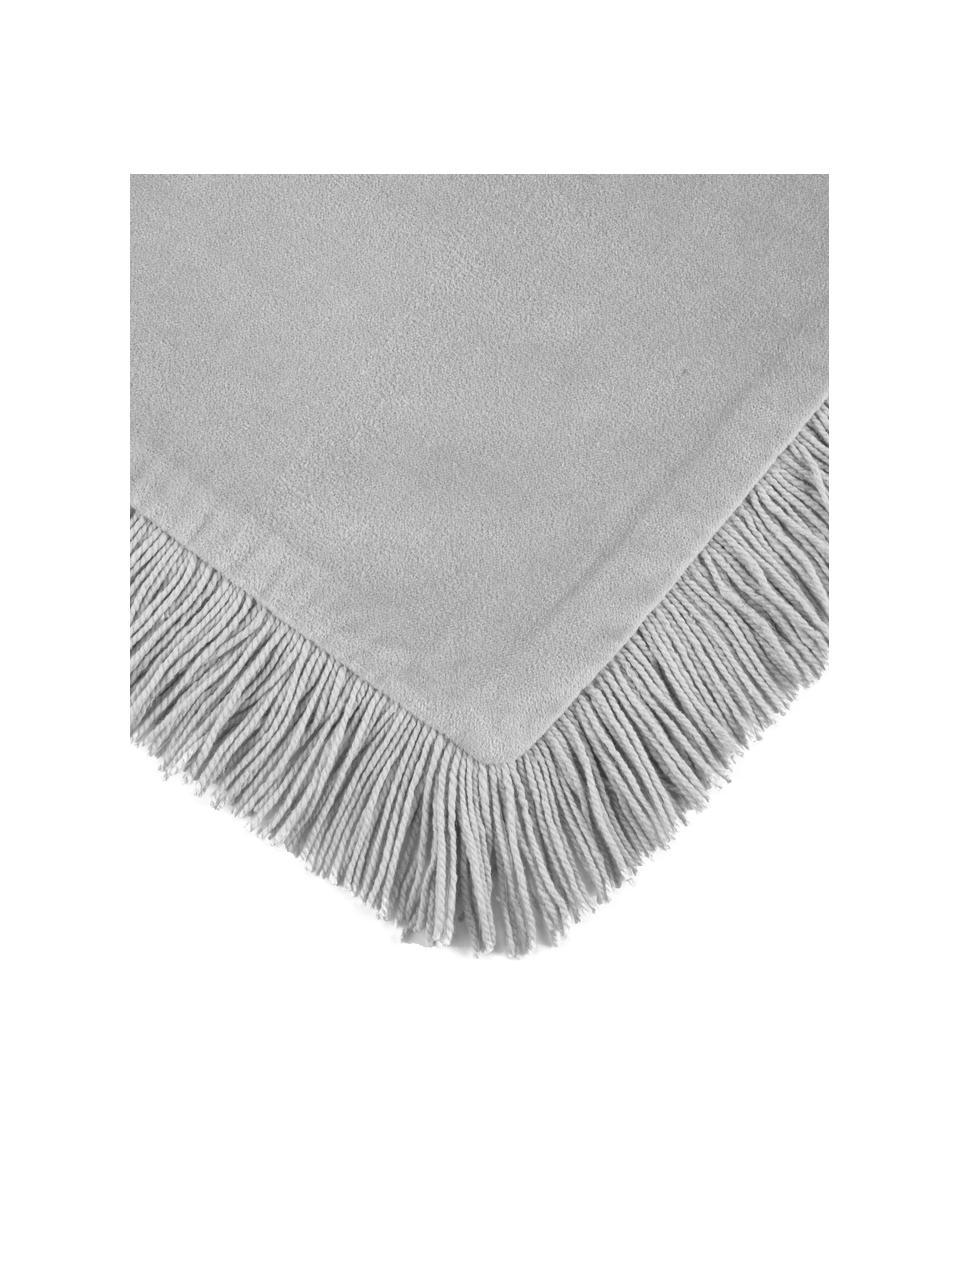 Federa arredo in velluto con frange Phoeby, 100% cotone, Grigio chiaro, Larg. 40 x Lung. 40 cm